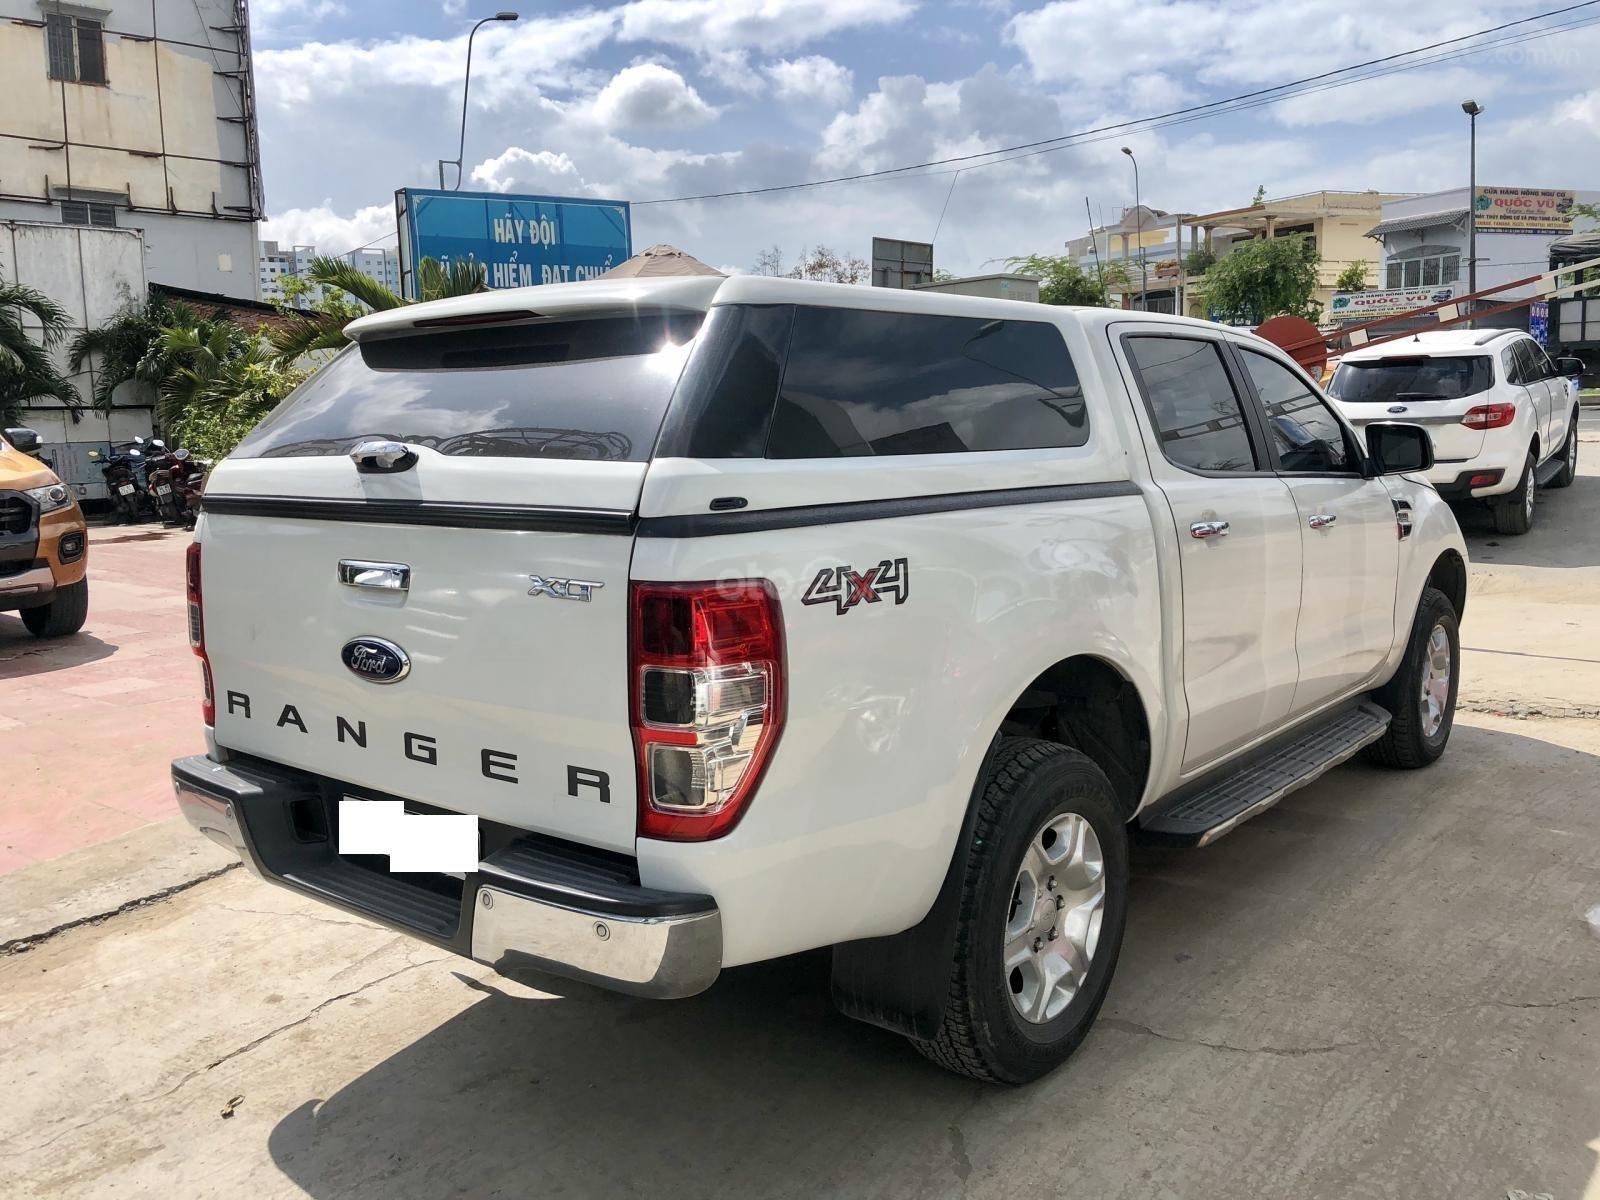 Bán Ford Ranger 2.2L XLT 4x4 MT đời 2016, màu trắng, xe bán tại hãng có bảo hành (6)